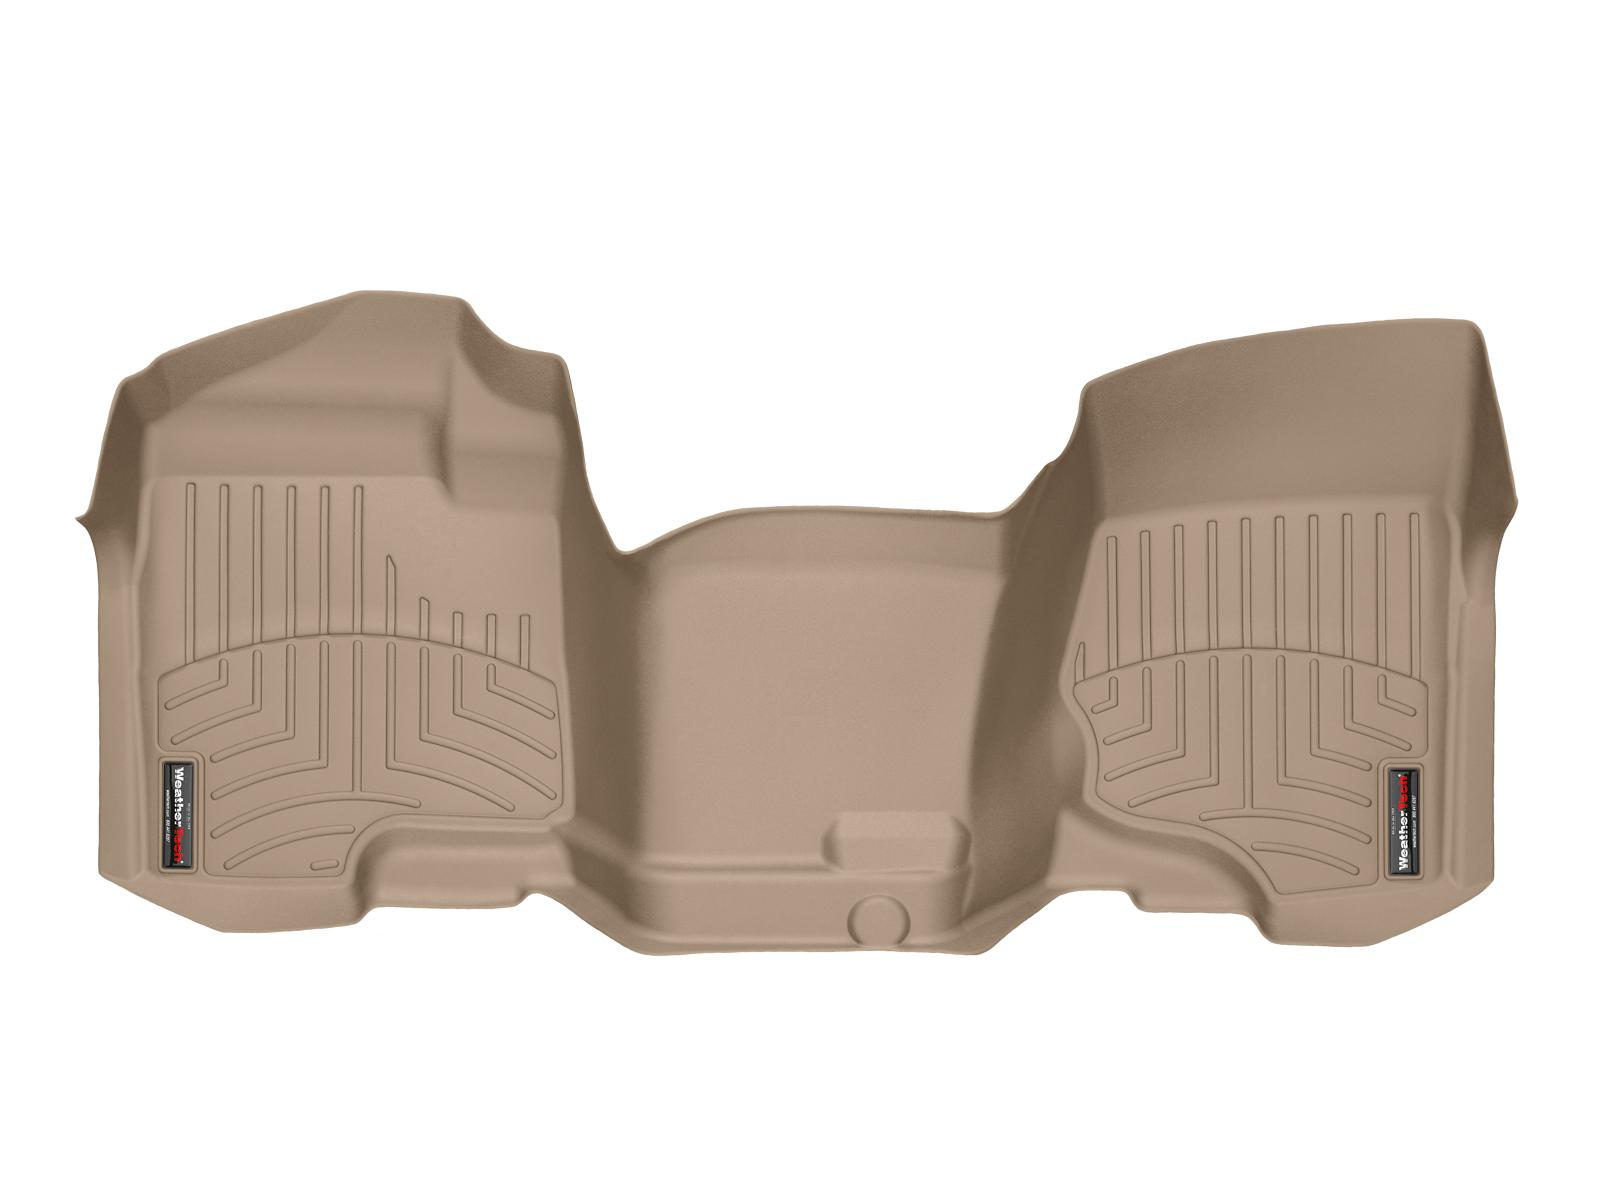 Tappeti gomma su misura bordo alto Chevrolet Silverado 08>13 Marrone A177